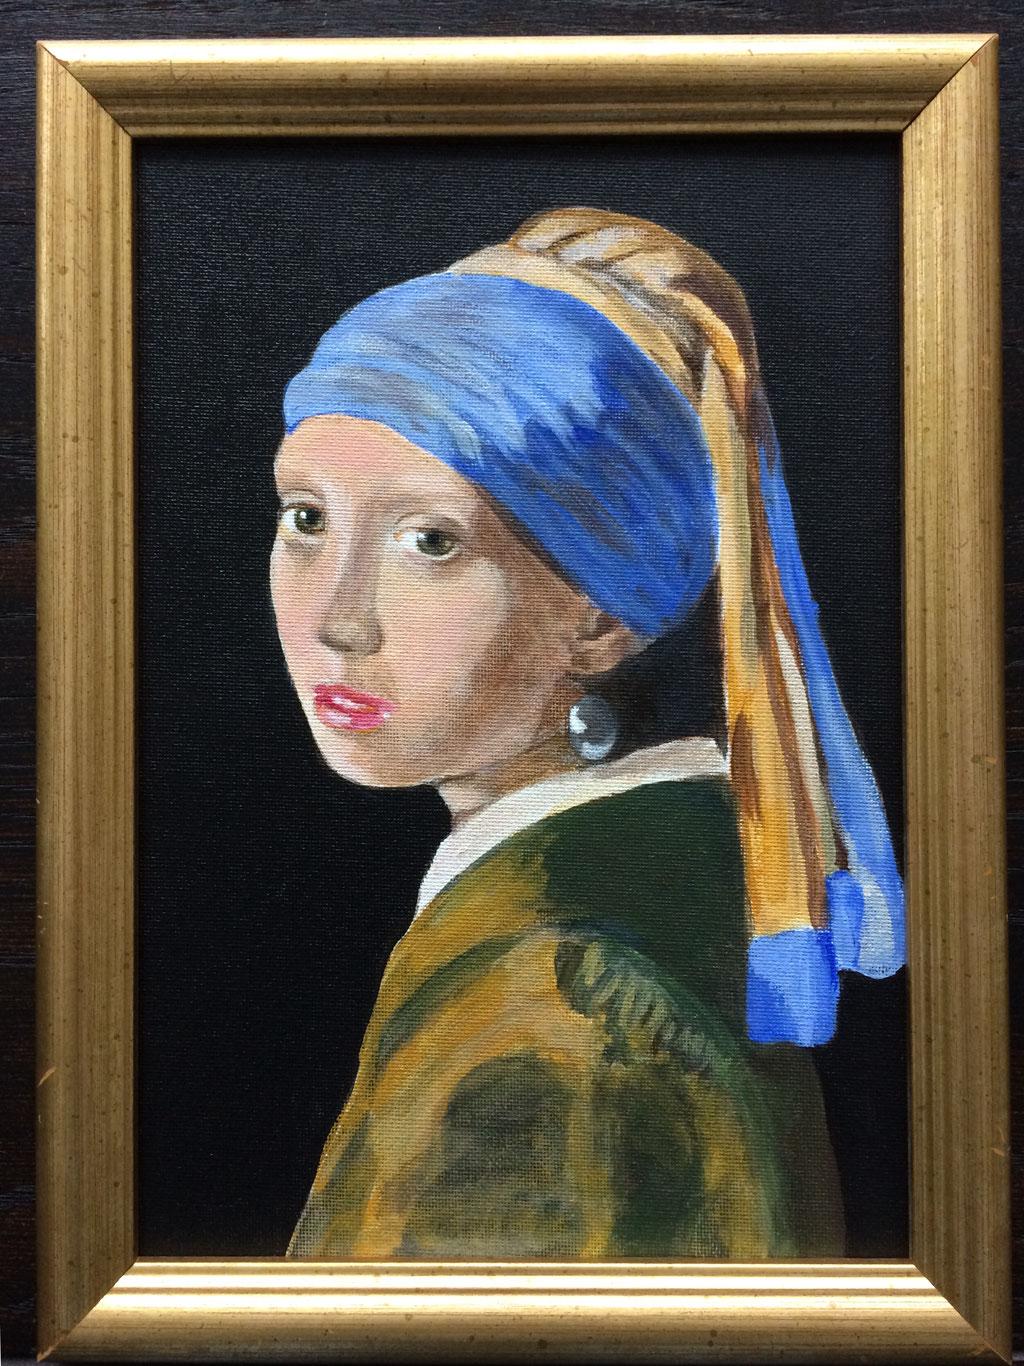 Meisje met de parel van Vermeer, A4